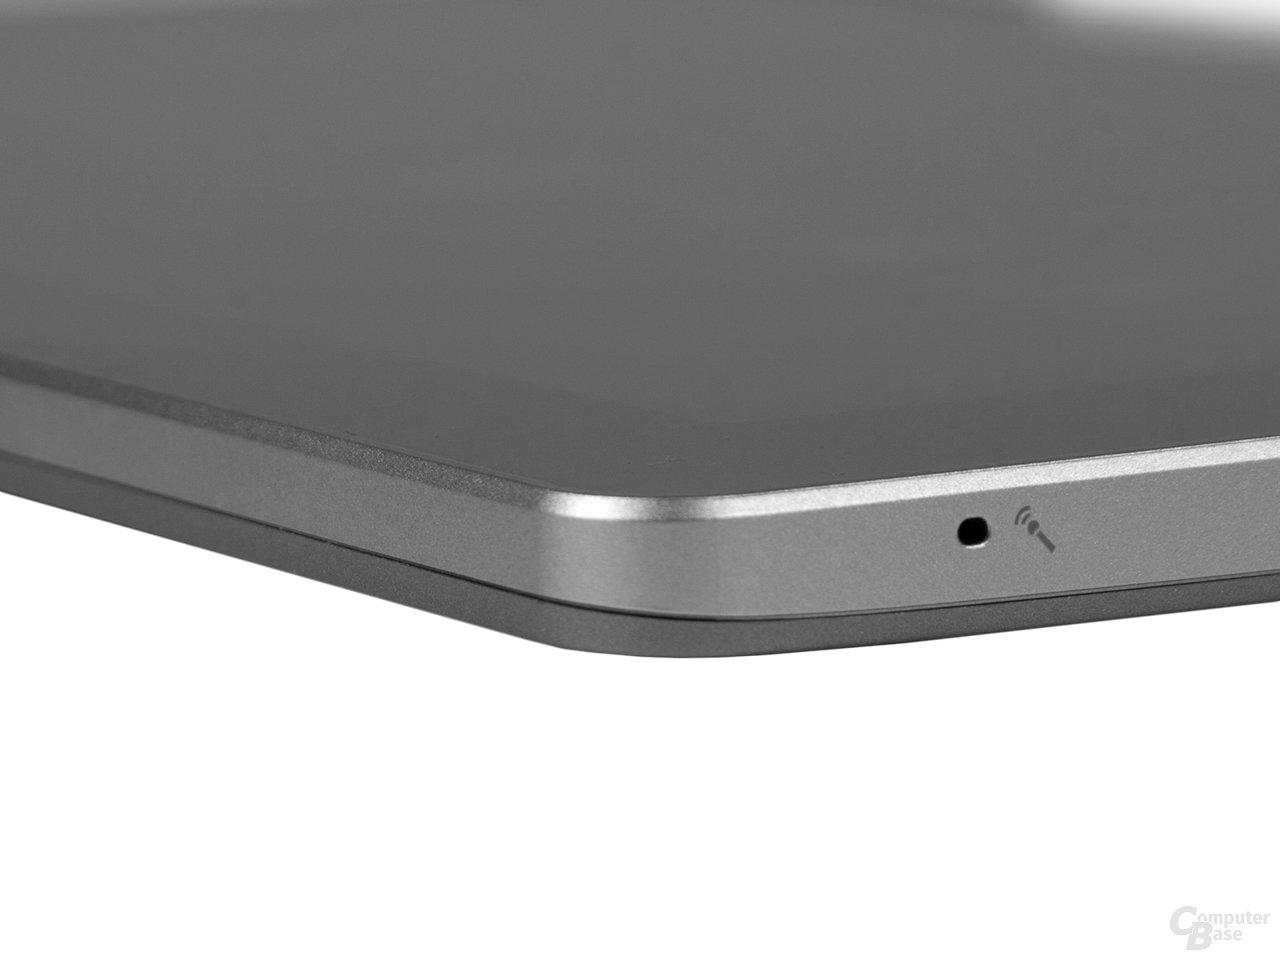 Ungleiche Spaltmaße beim Acer Aspire Switch 10 FHD